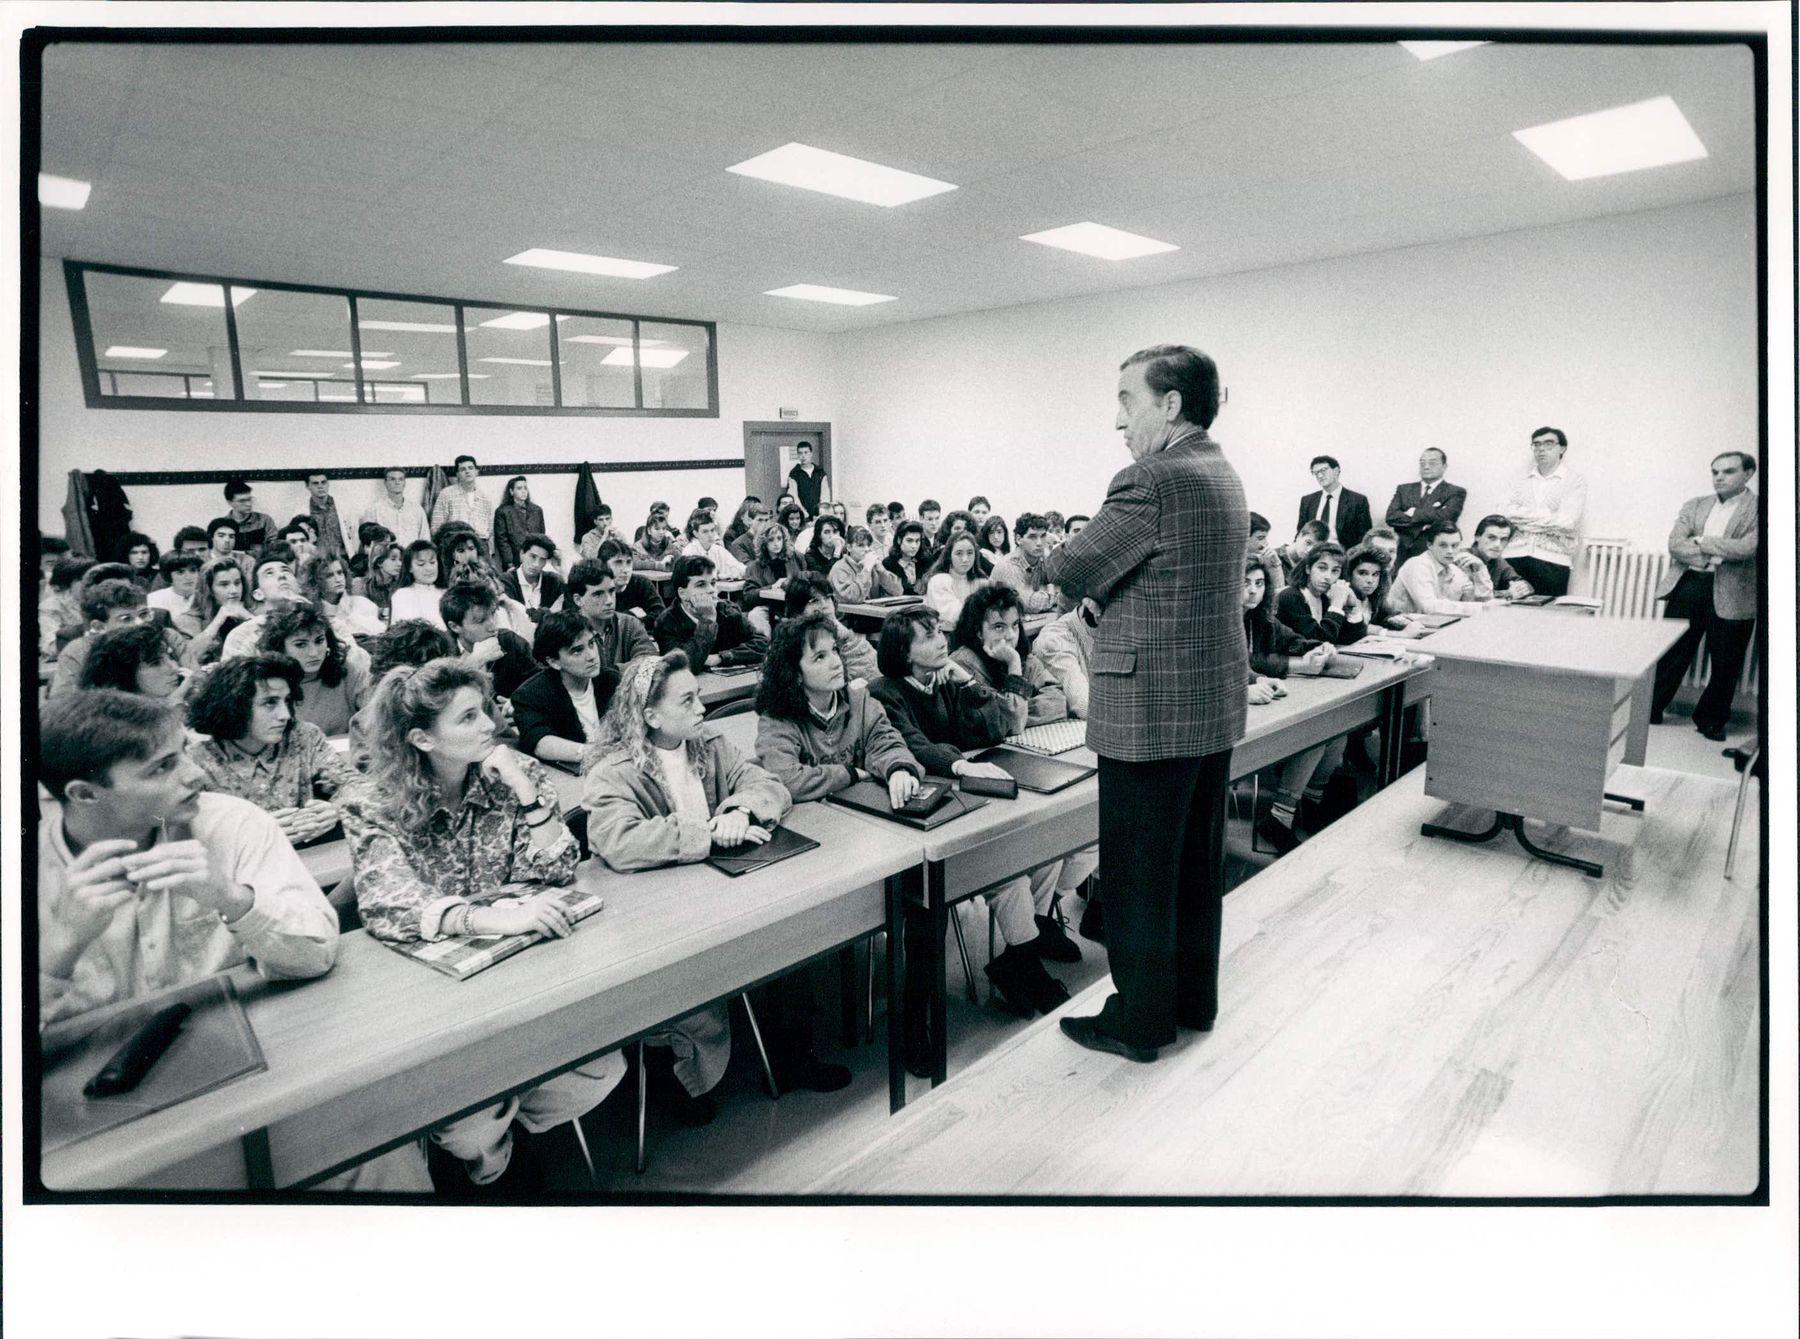 Año 1989: estudiantes de la primera promoción de ADE y Economía reciben el saludo del entonces presidente de la Comisión Gestora de la UPNA, Pedro Burillo López (futuro rector), en el edificio de El Sario. De pie, de derecha a izquierda, los profesores Alejandro Arizkun, Javier Puértolas, Carlos Salvador y Manuel Rapún.